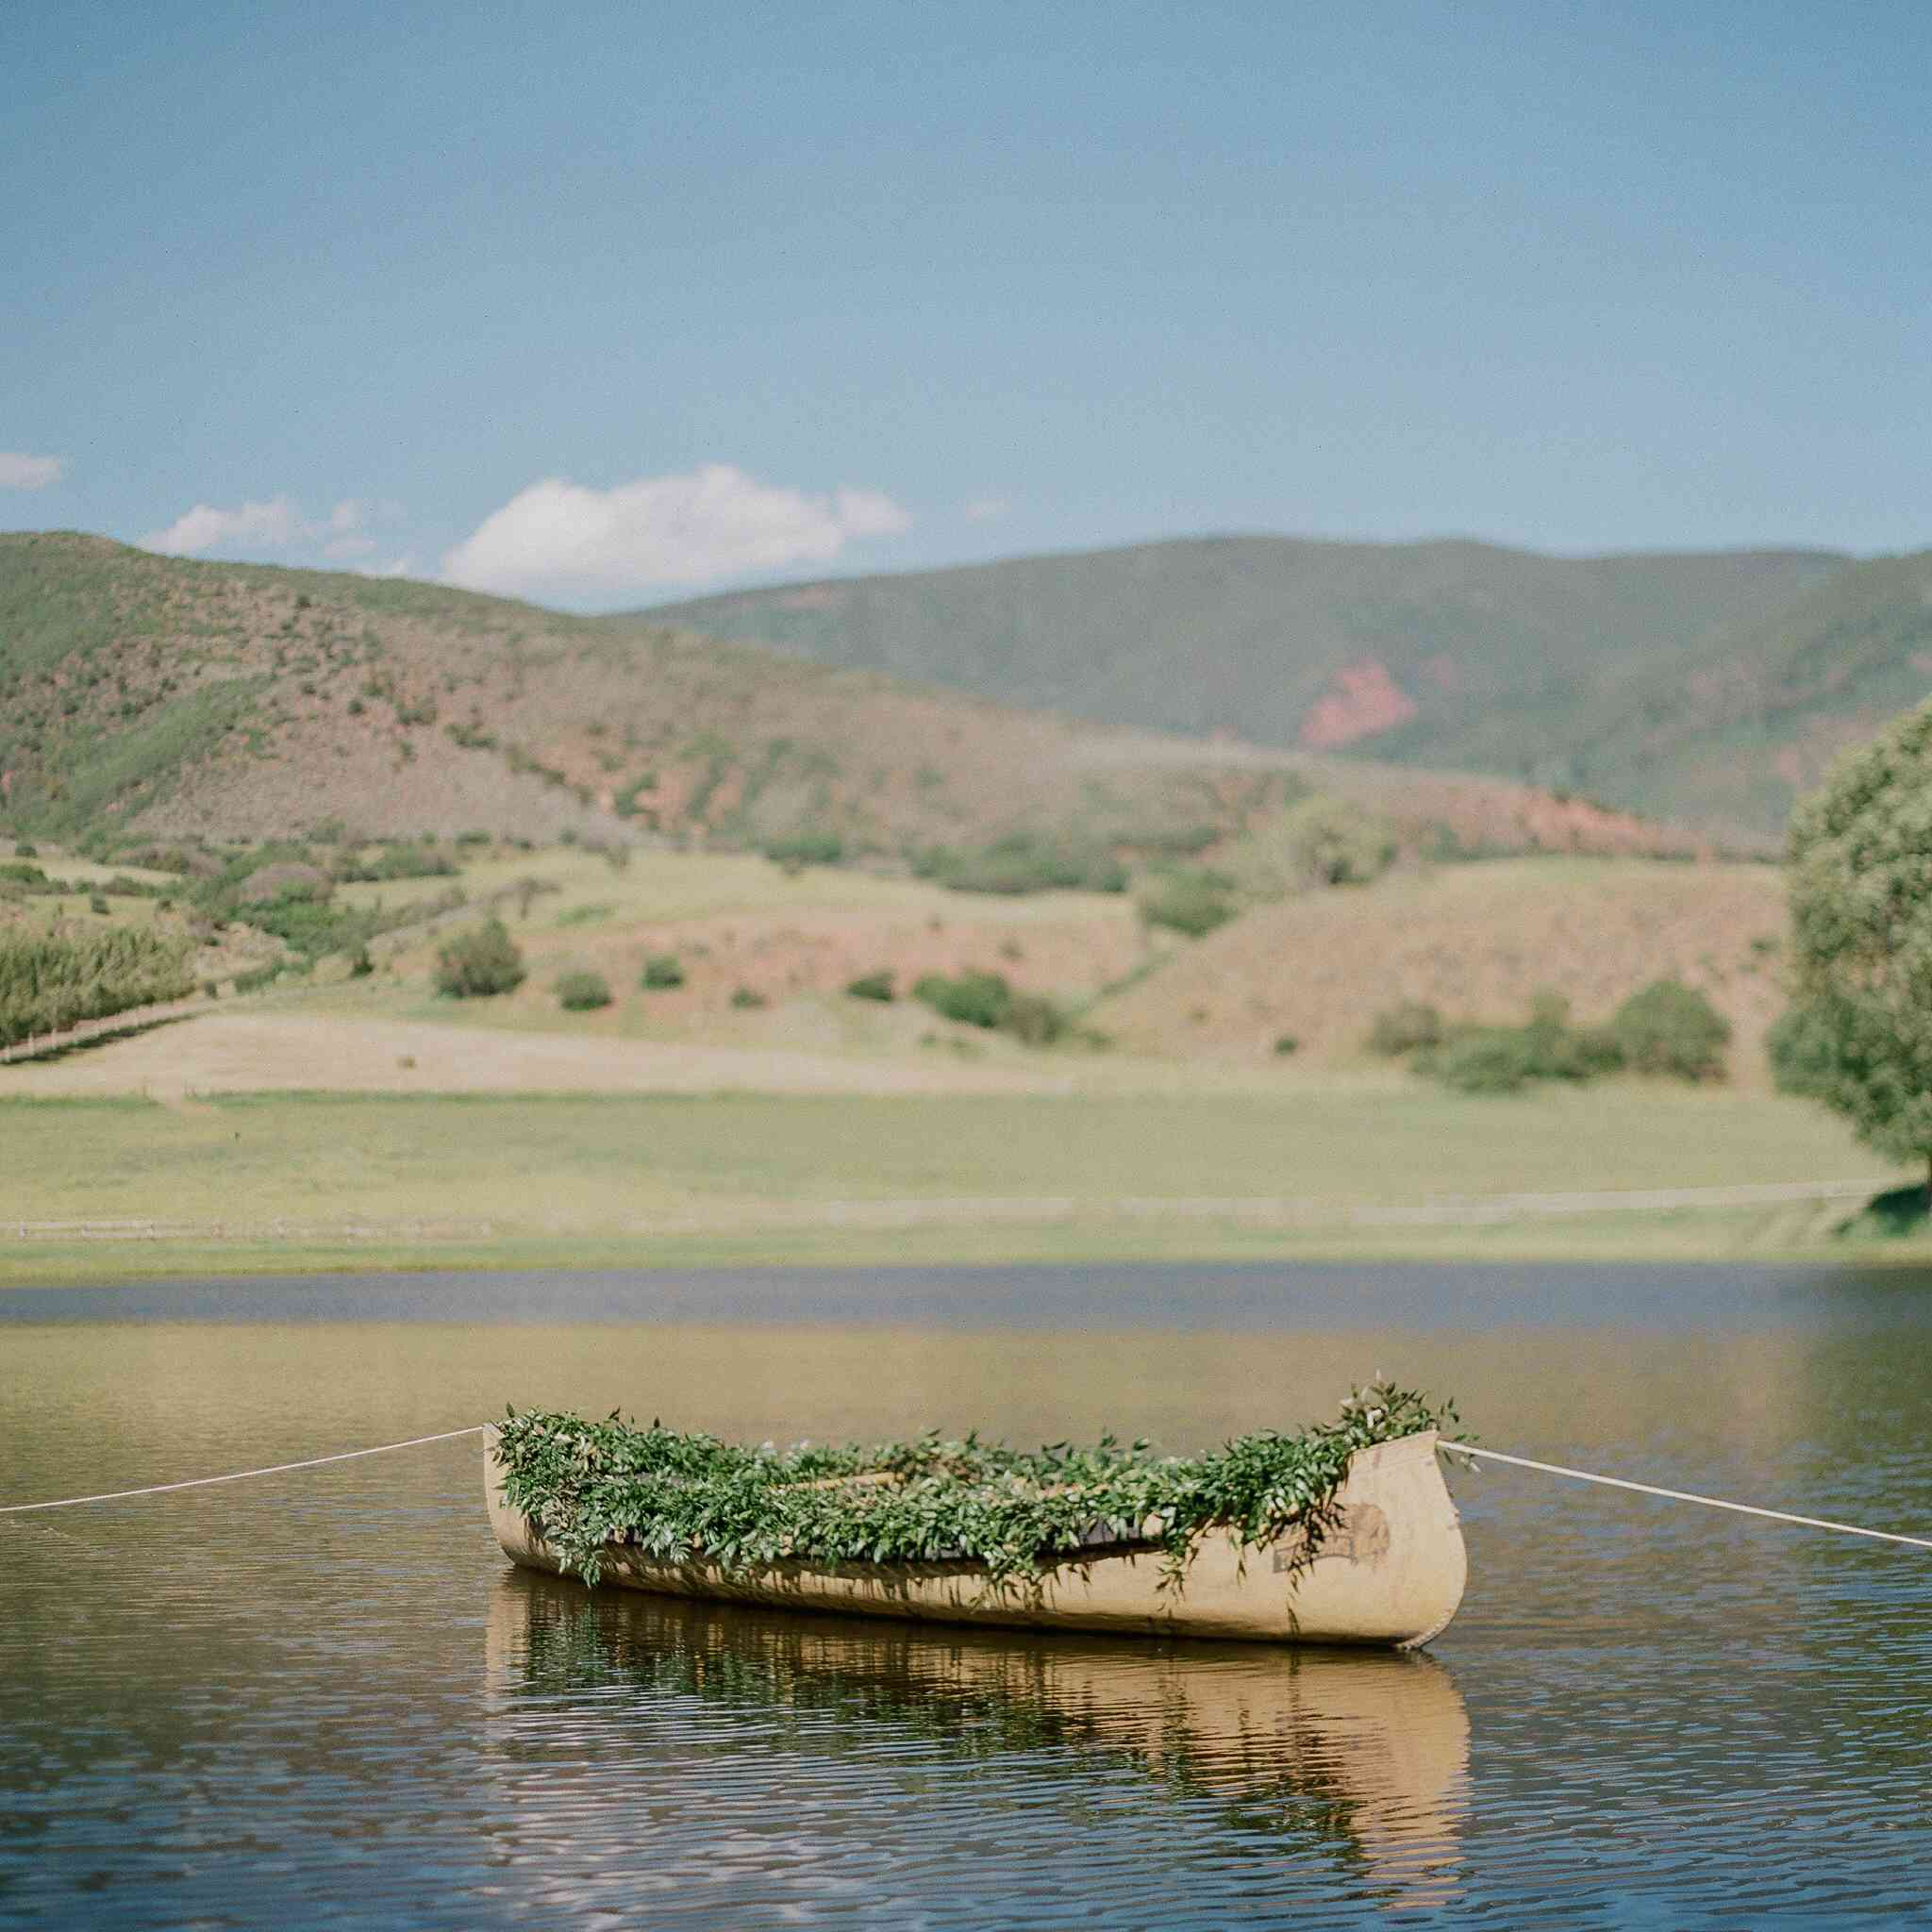 Canoe in river